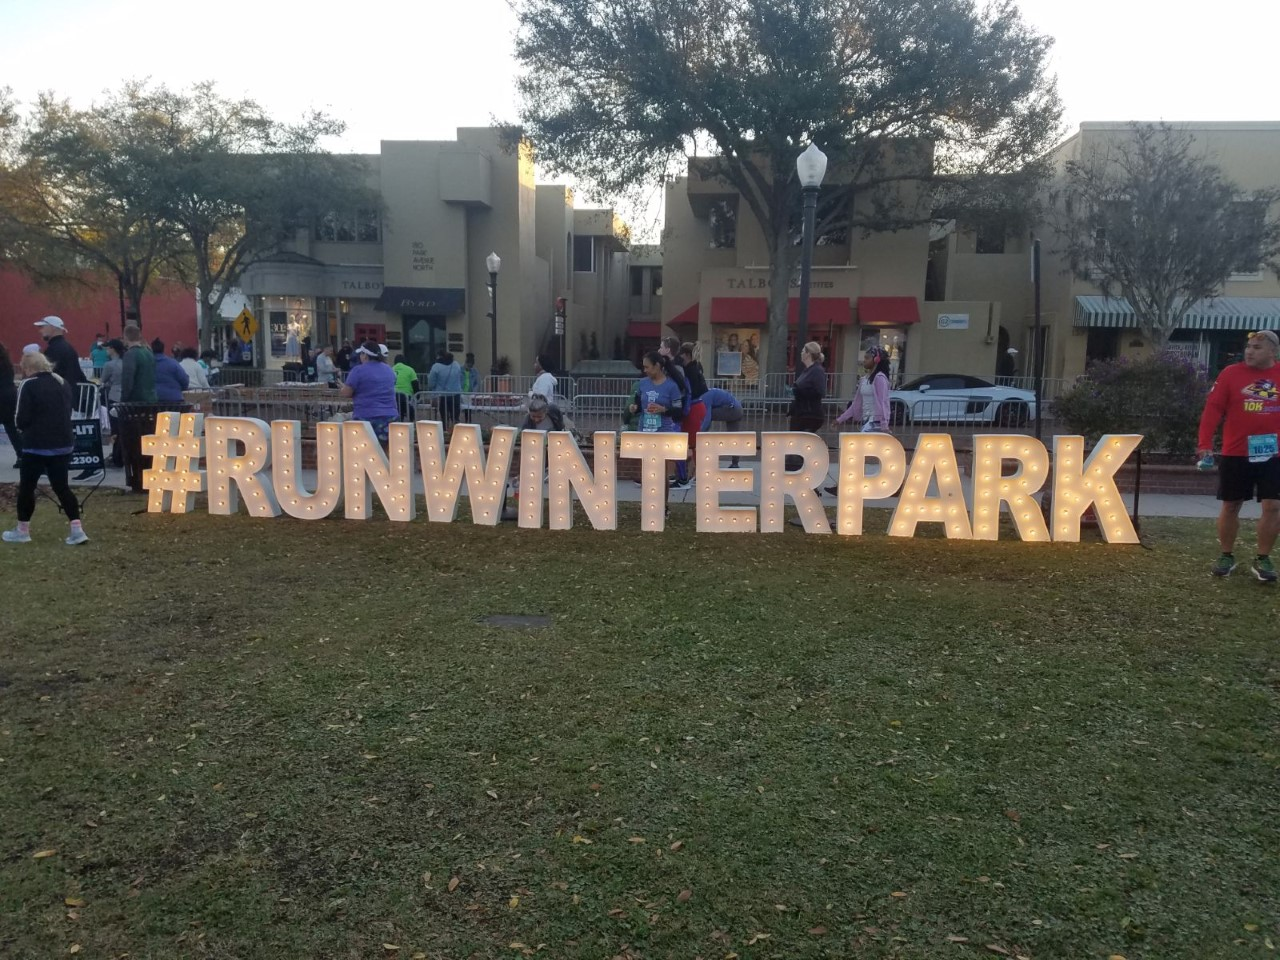 Run Winter Park